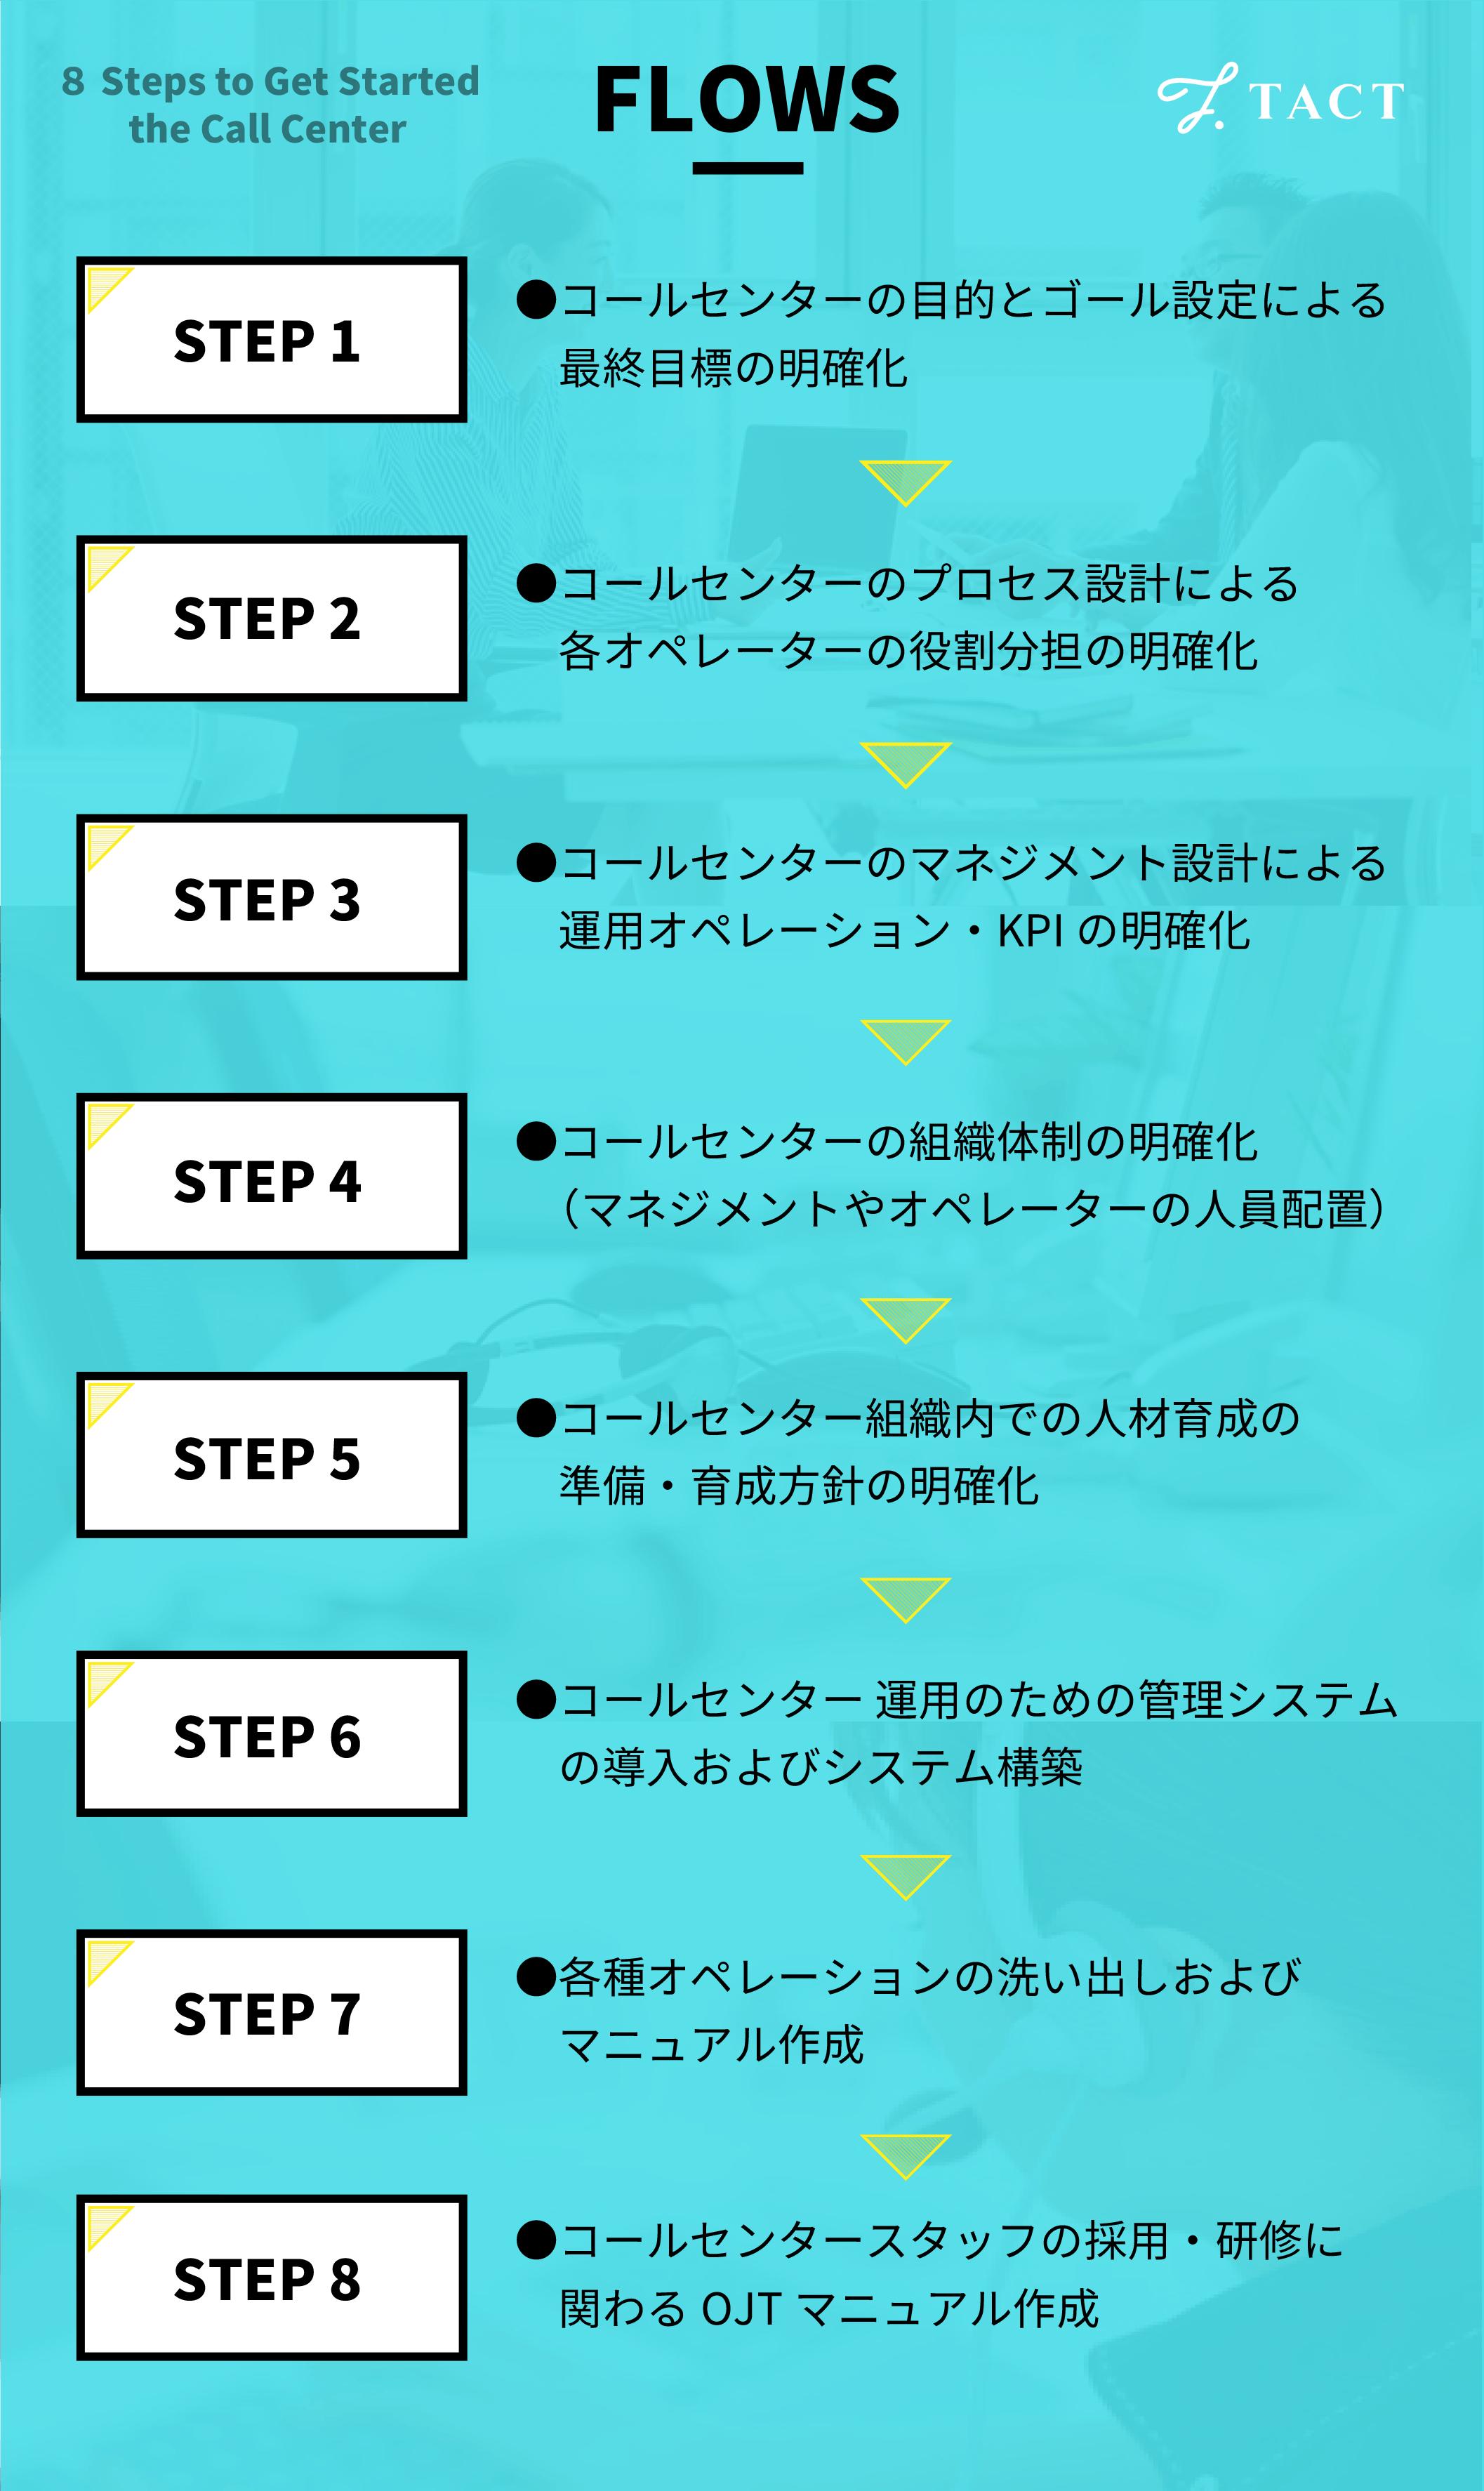 コールセンター立ち上げの8ステップ